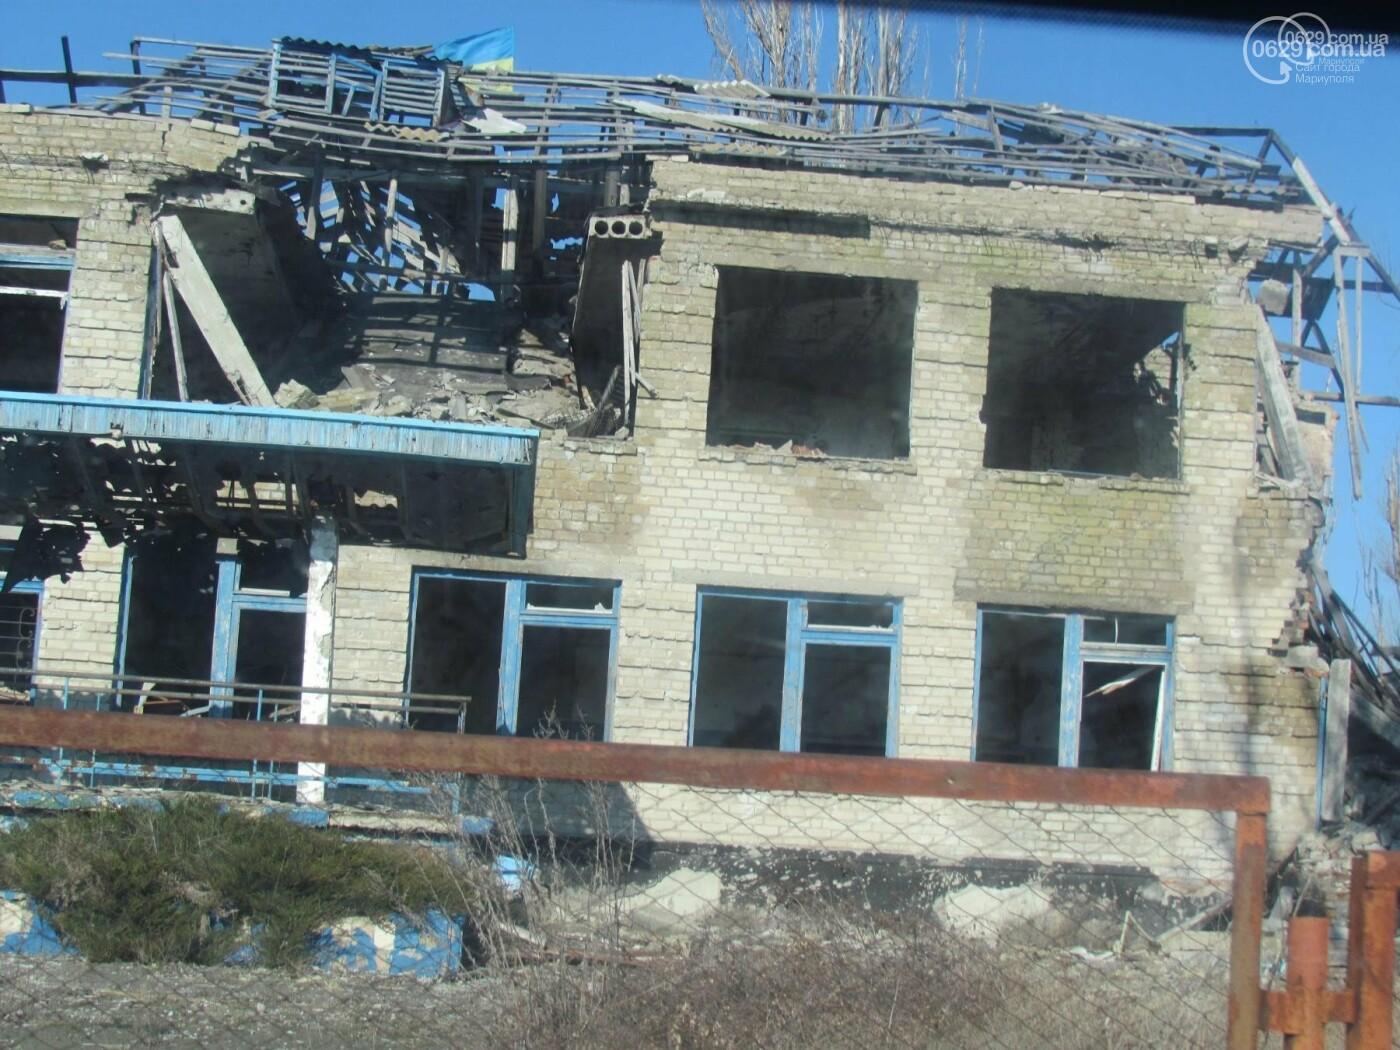 Переименование проспекта Ильича и эвакуация жителей Широкино. О чем писал 0629.com.ua 12 февраля, фото-7